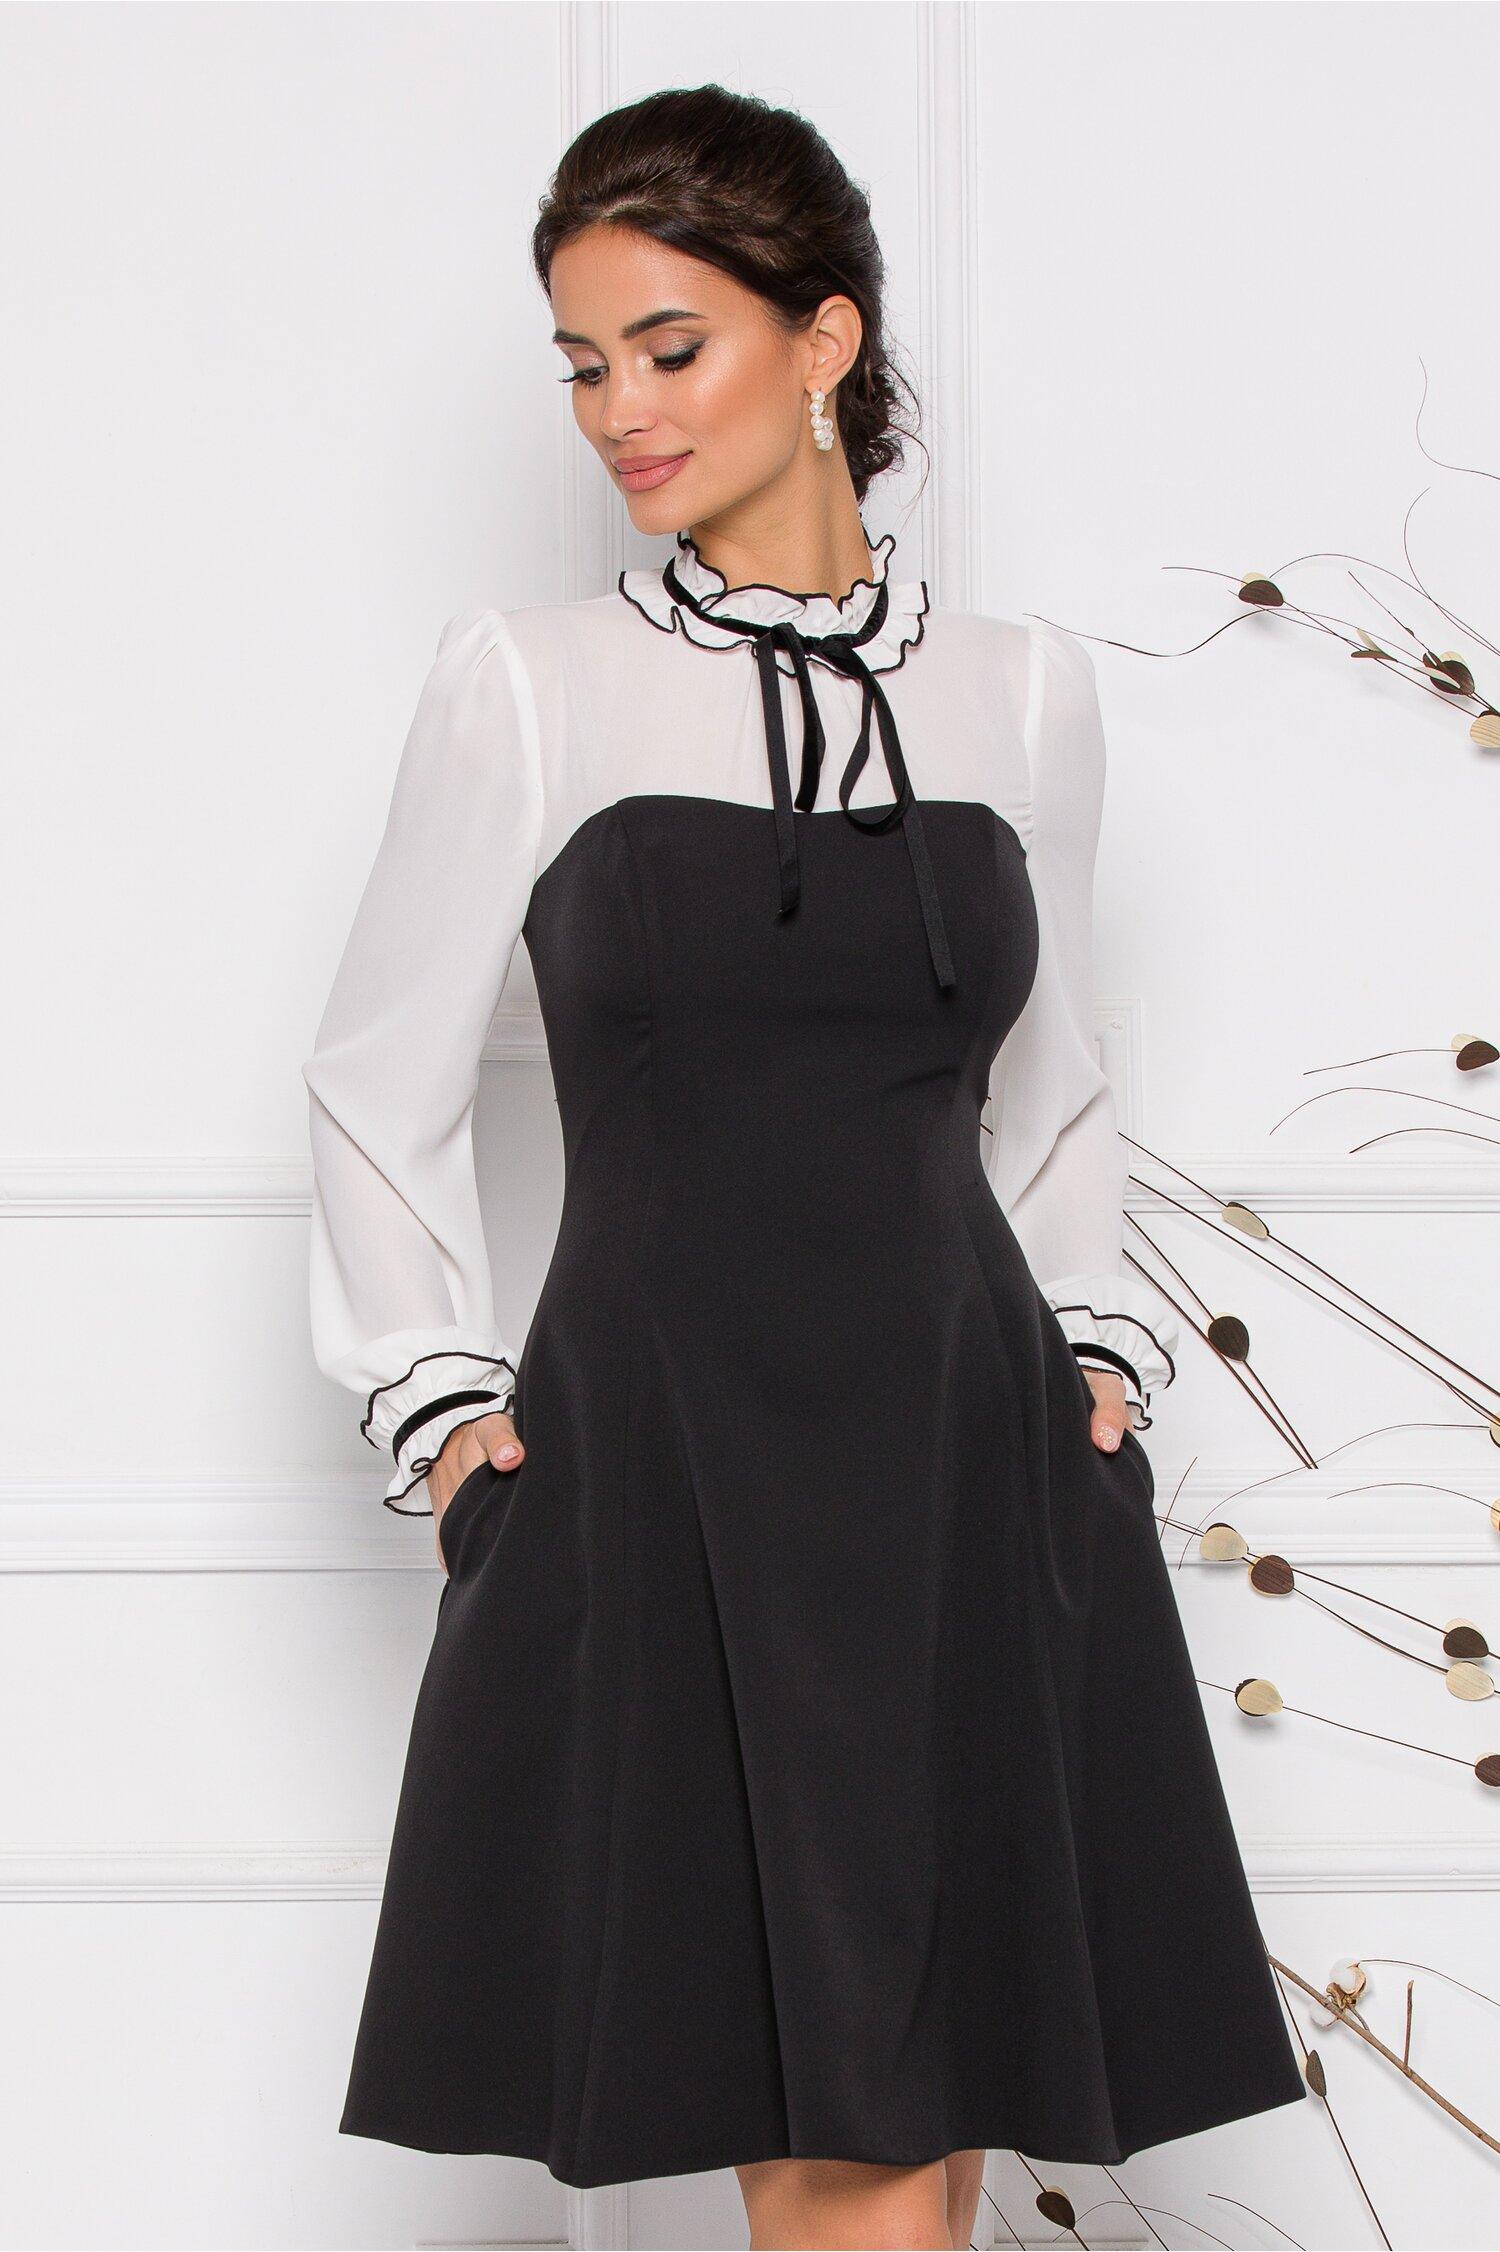 Rochie MBG neagra cu alb si guler cu snur imagine